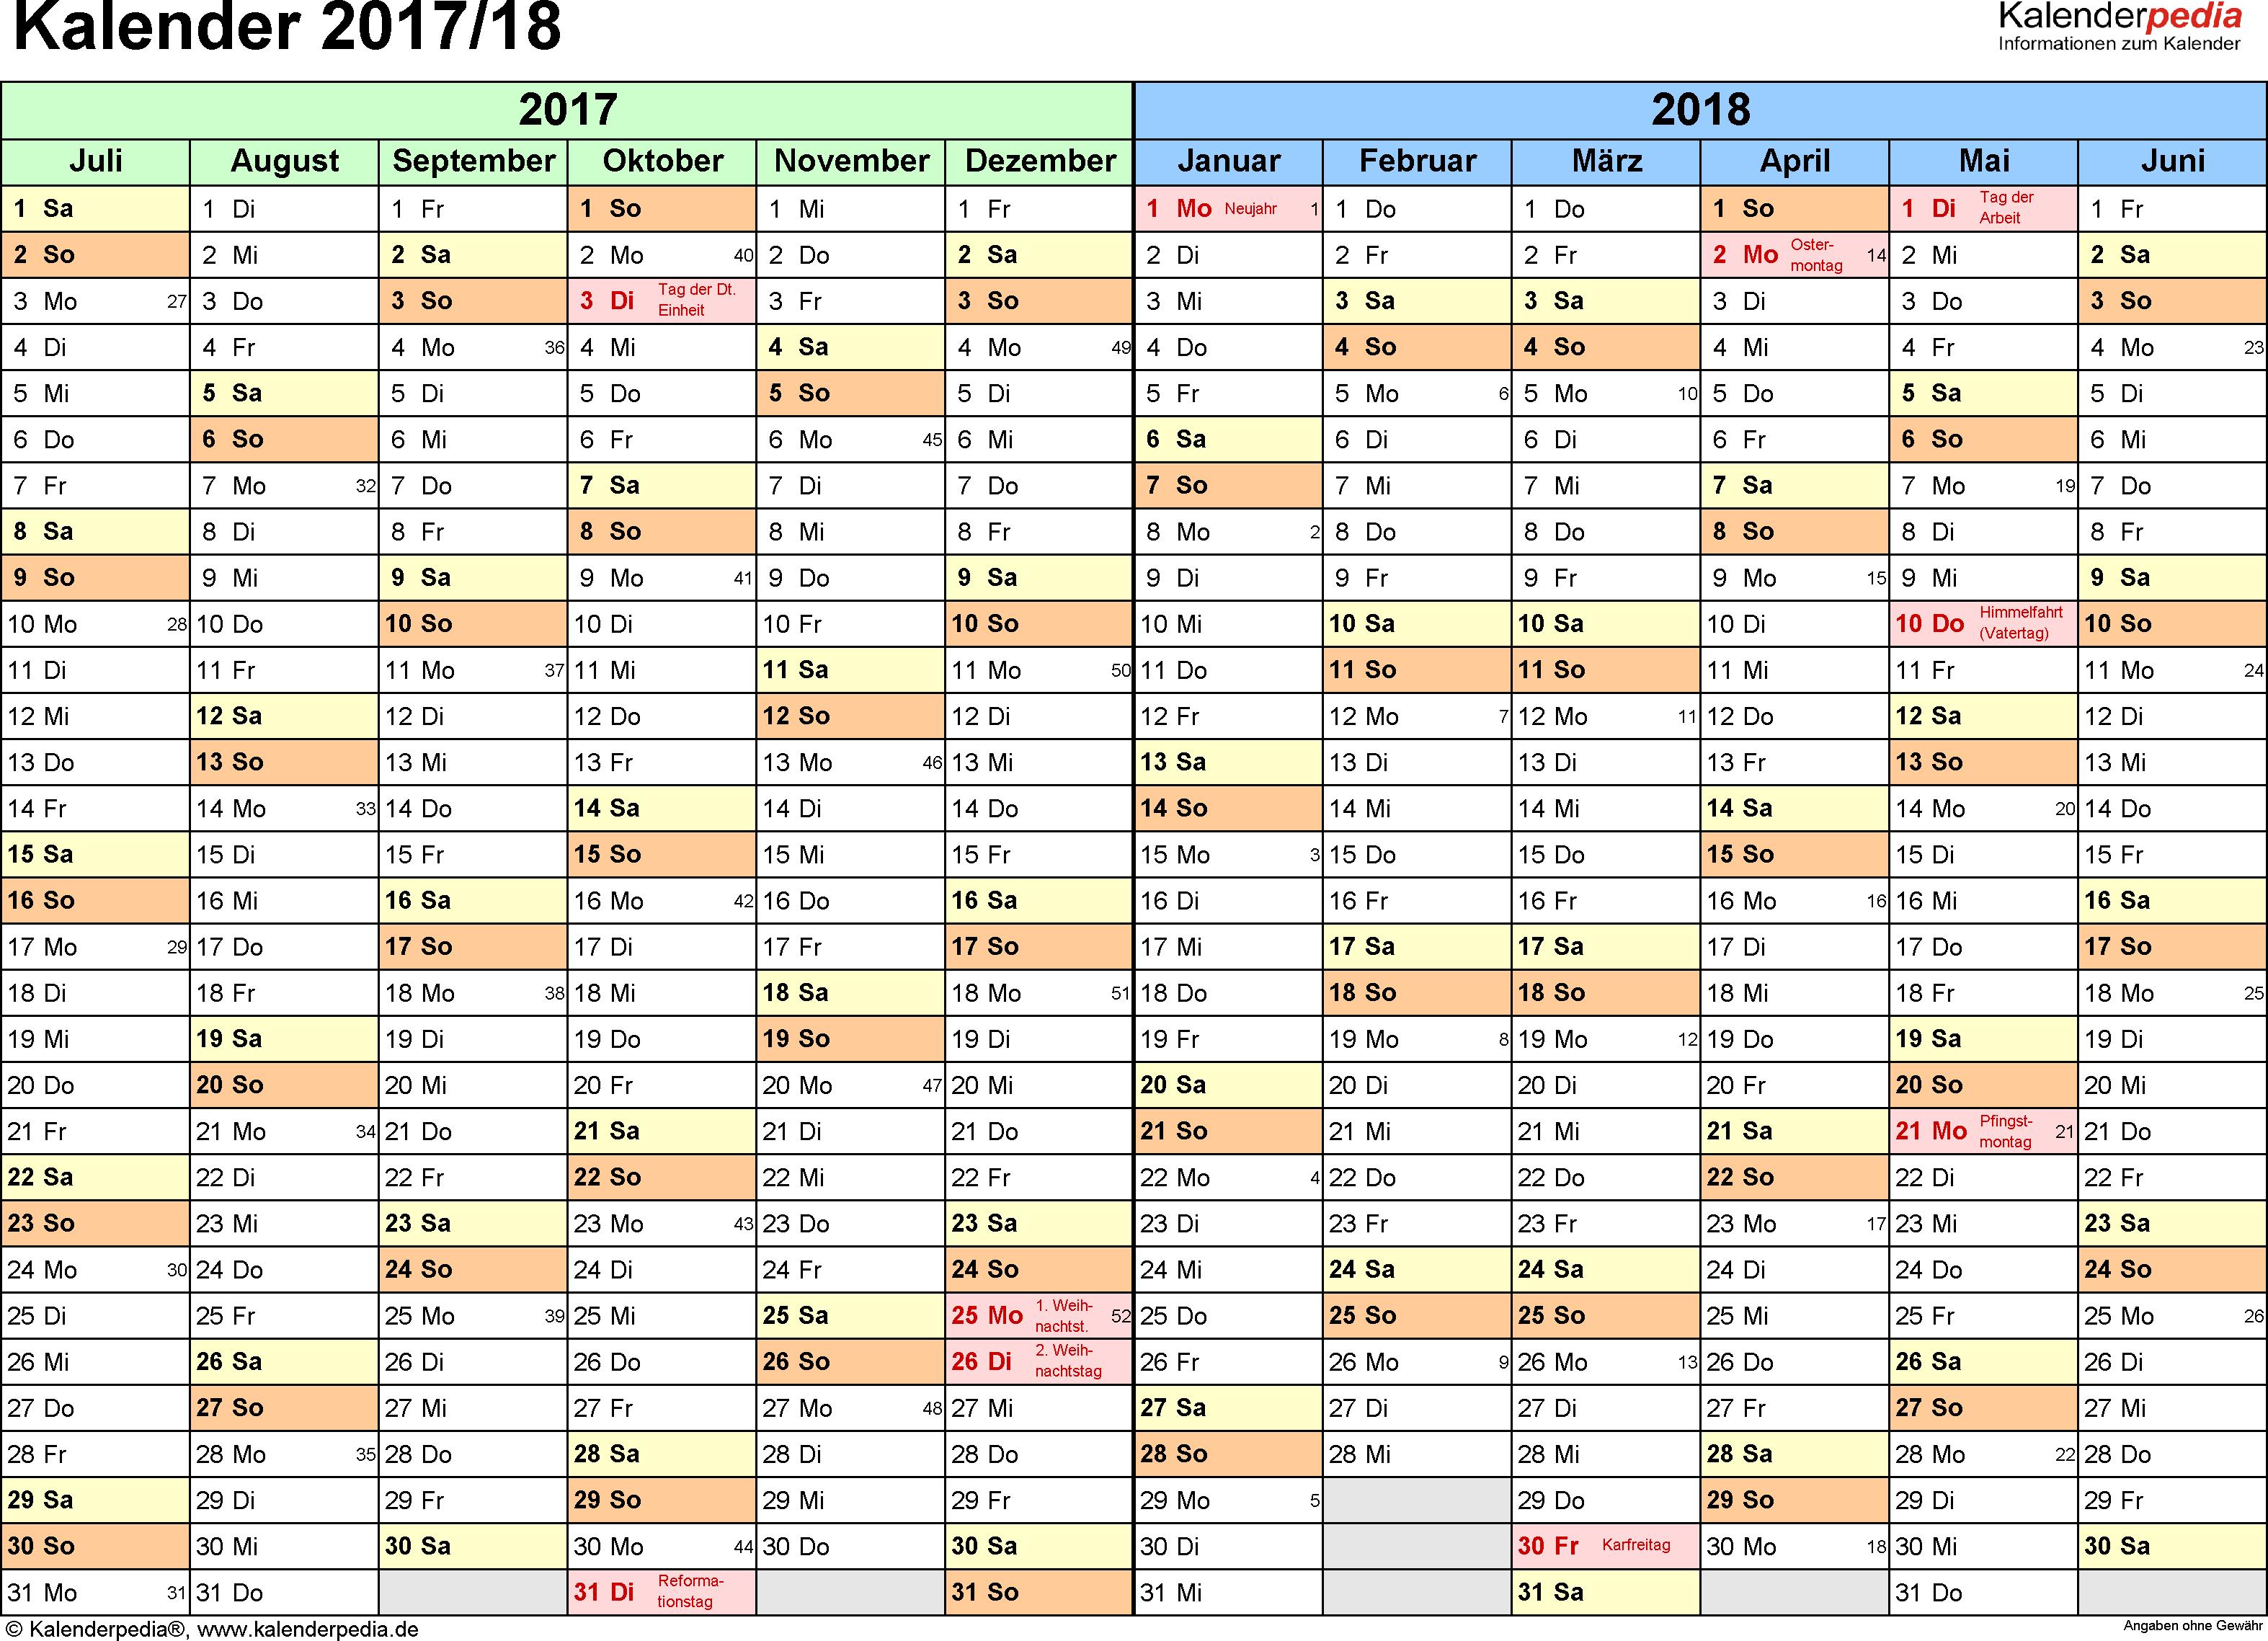 Excel-Vorlage für Halbjahr-Kalender 2017/2018 (Querformat, 1 Seite, Monate waagerecht)